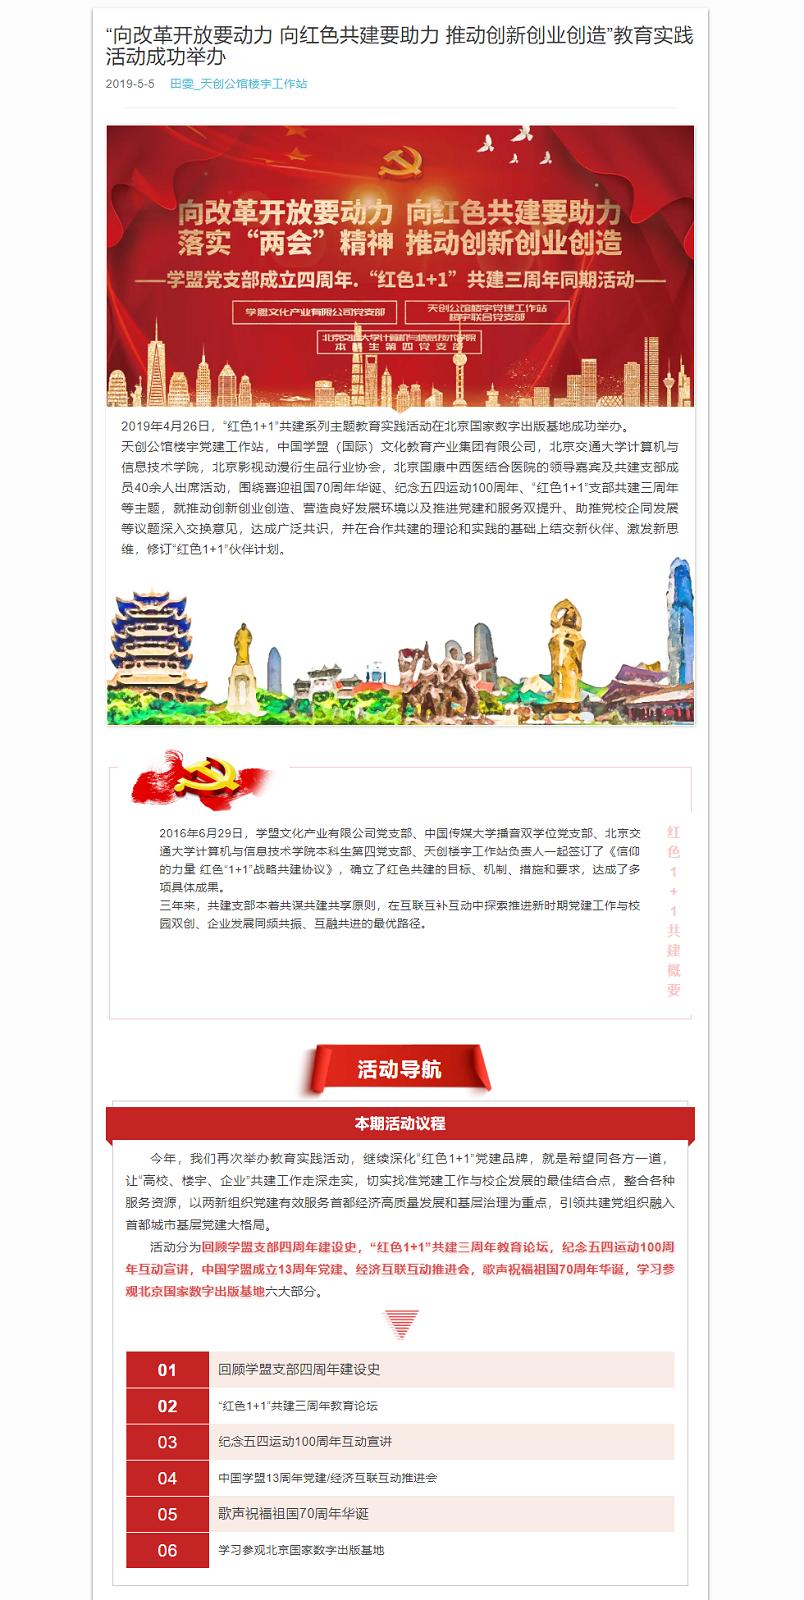 天创工作站1:纪念五四运动100周年 学盟党团企协共建活动.png